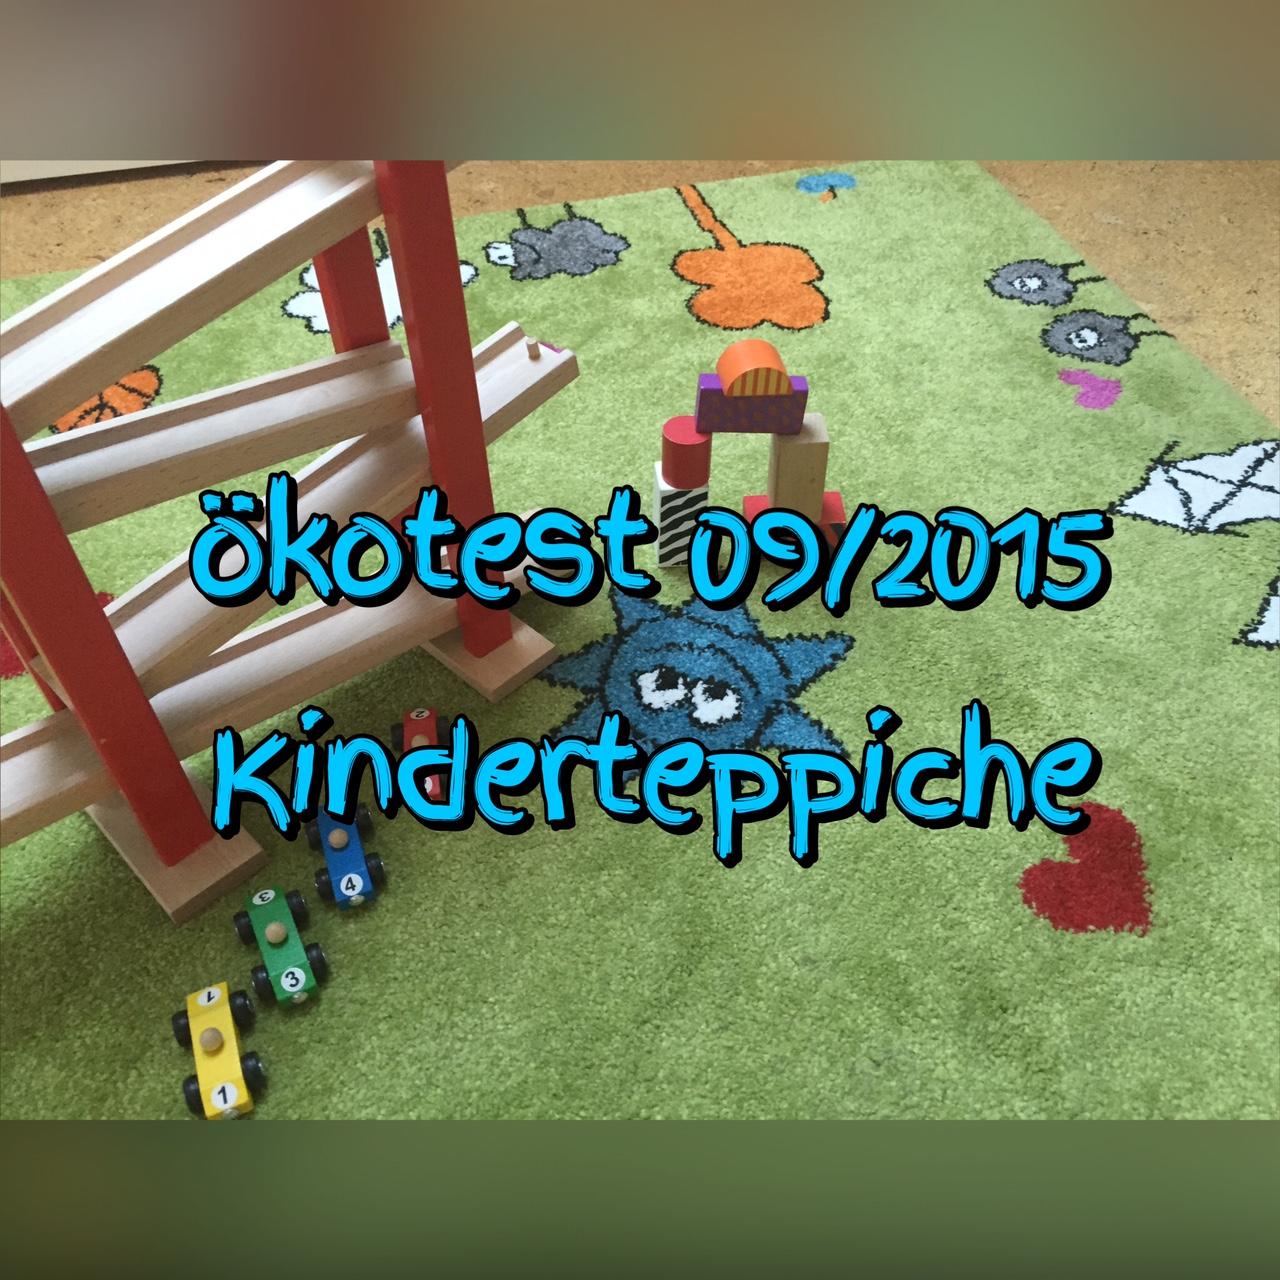 Teppich Kinderzimmer Schadstofffrei  Bnbnewsco